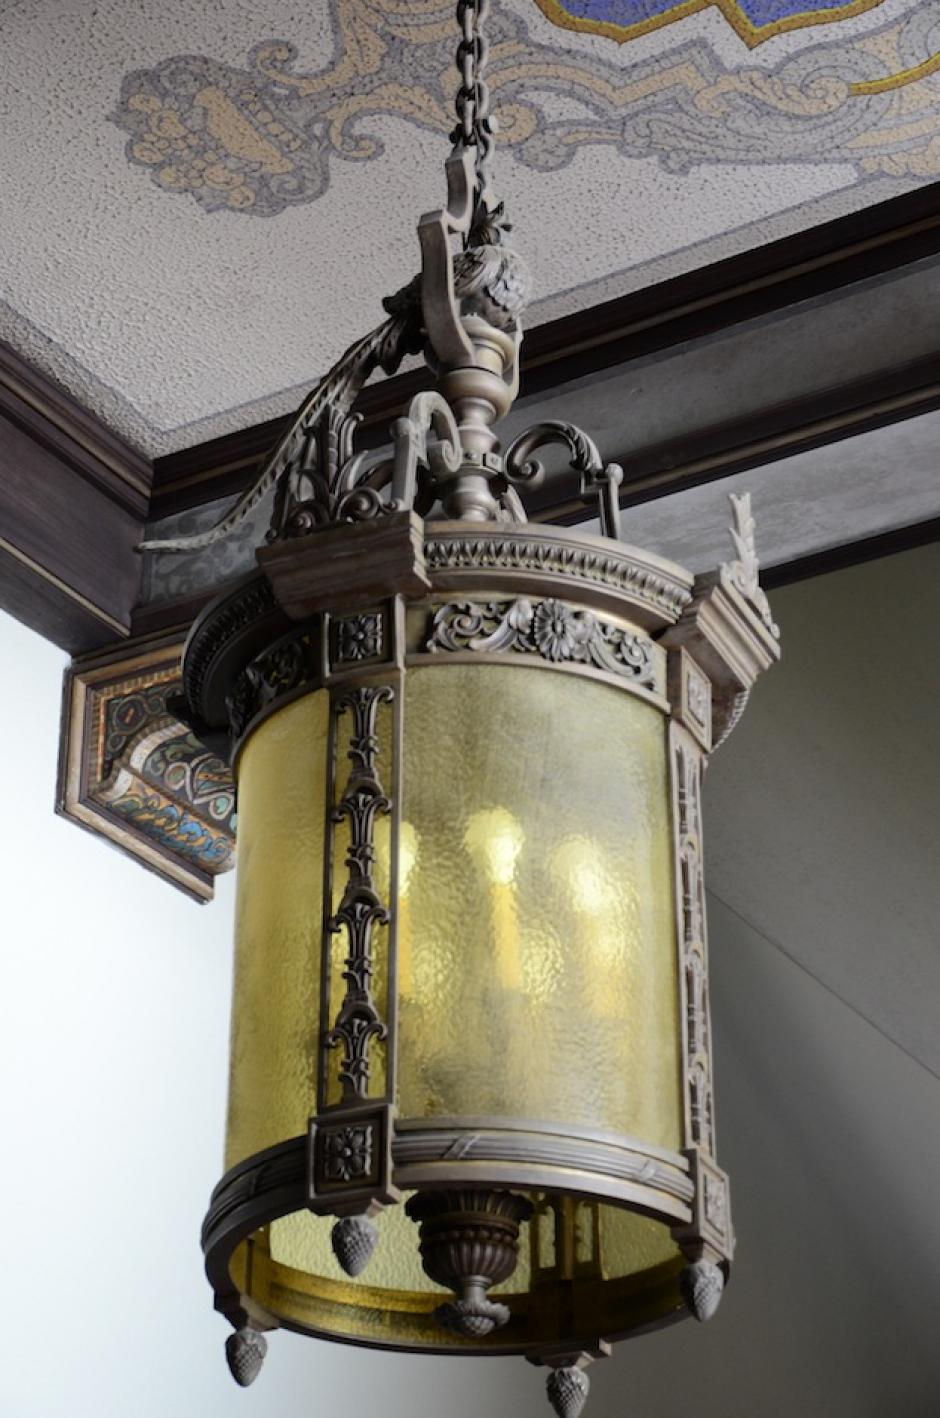 El quetzal es símbolo de libertad y está en cada detalle dentro del Palacio.  (Foto: Selene Mejía/Soy502)